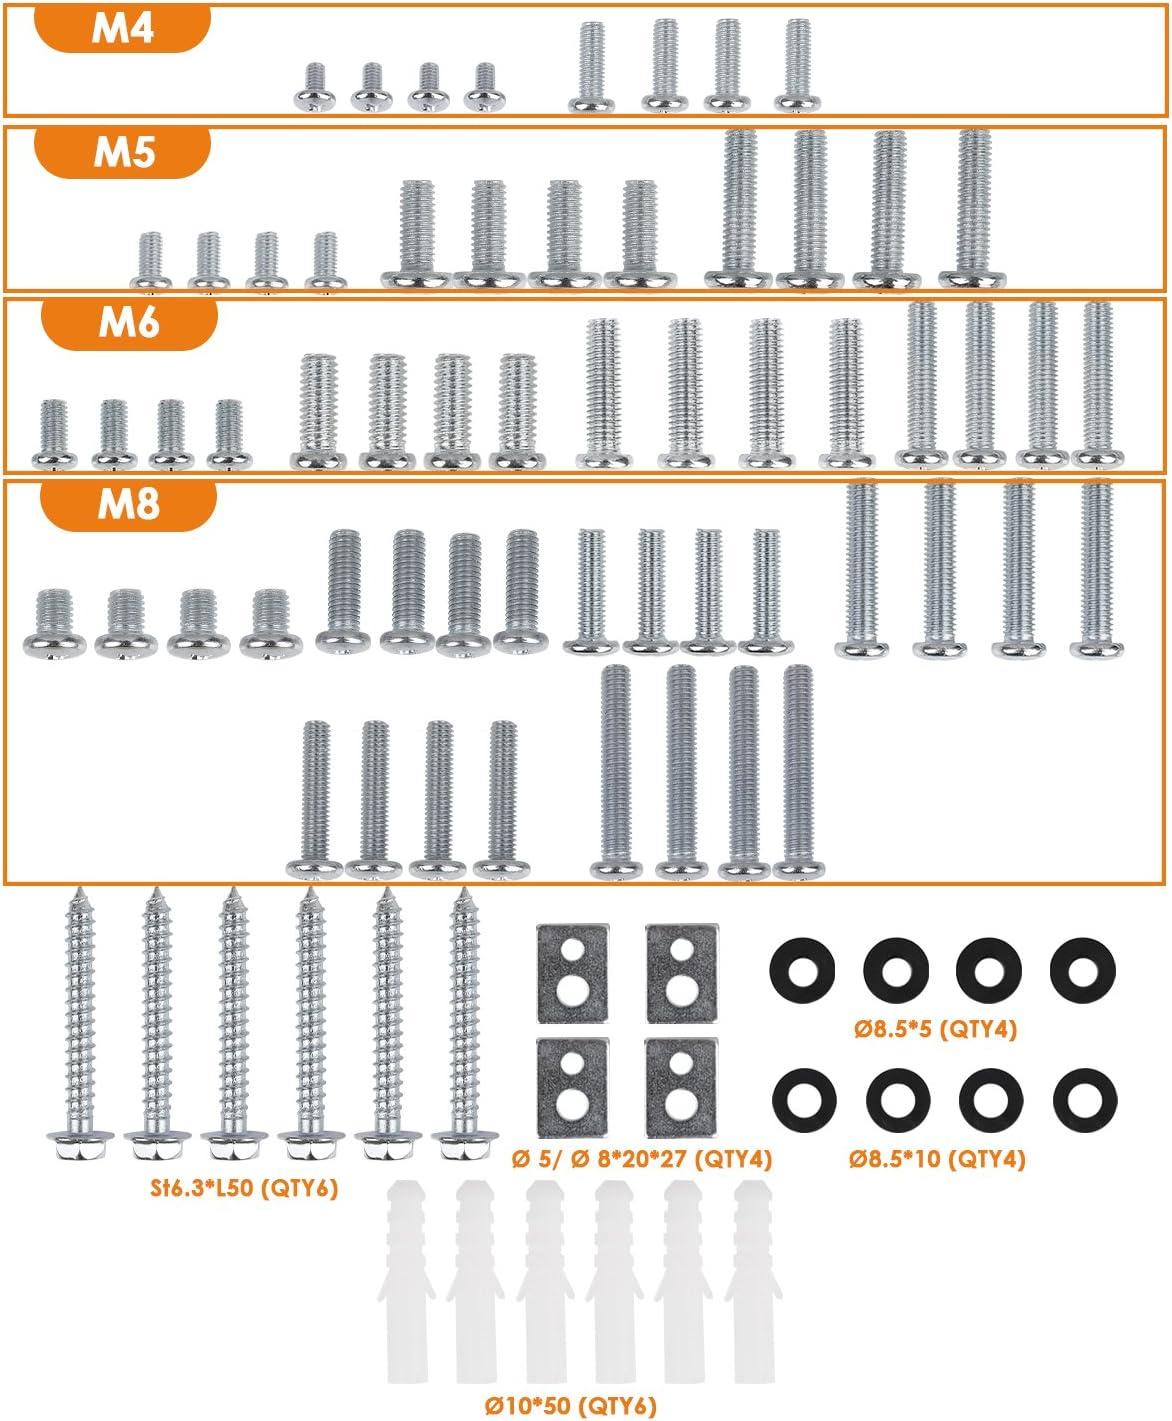 SIMBR - Kit de montaje universal para televisores (compatible con todos los televisores, incluye tornillos M4, M5, M6 y M8 y espaciador para montaje prácticamente todos los televisores de hasta 85 pulgadas):